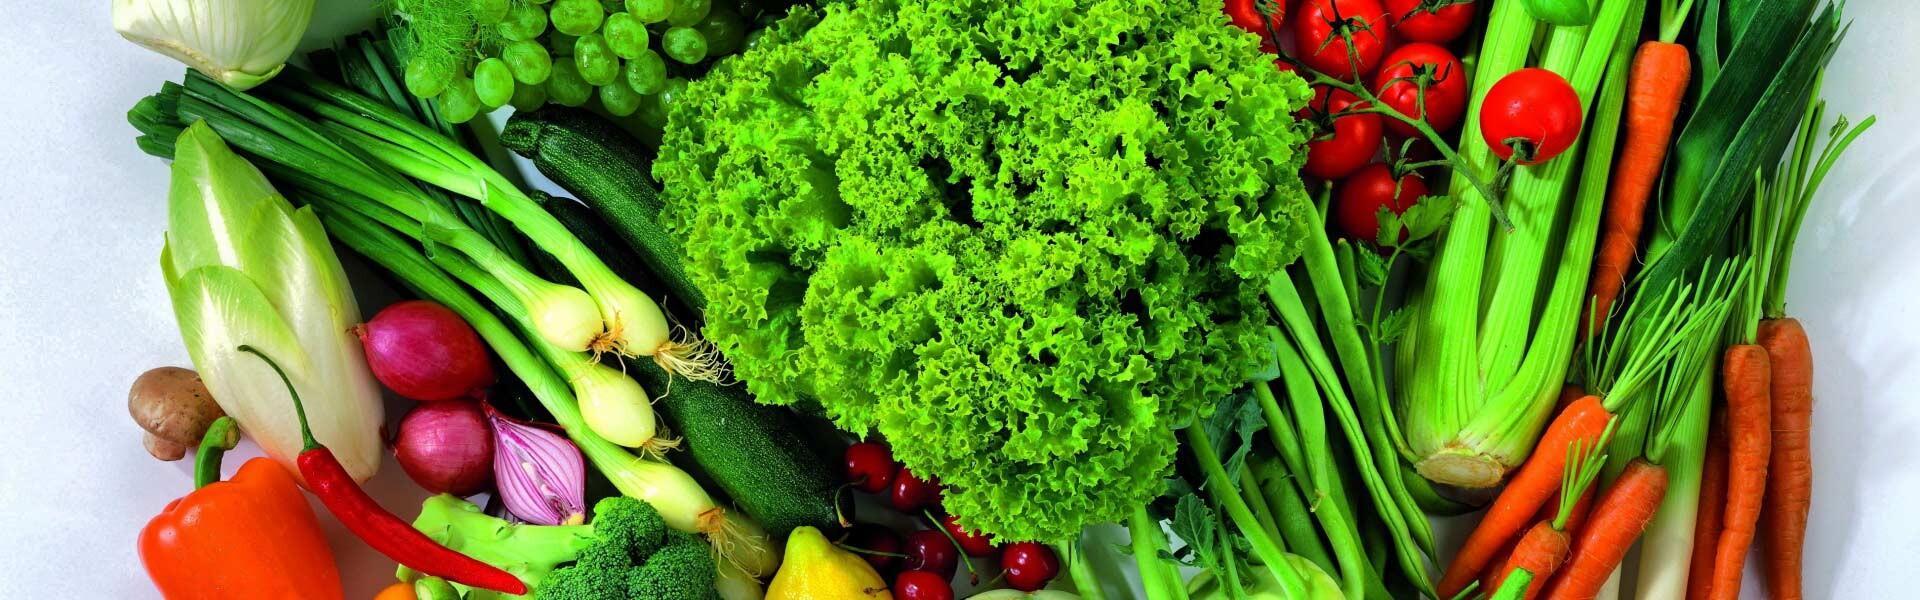 Sebze sıkıntısı kapıda - Ekonomi Haberleri